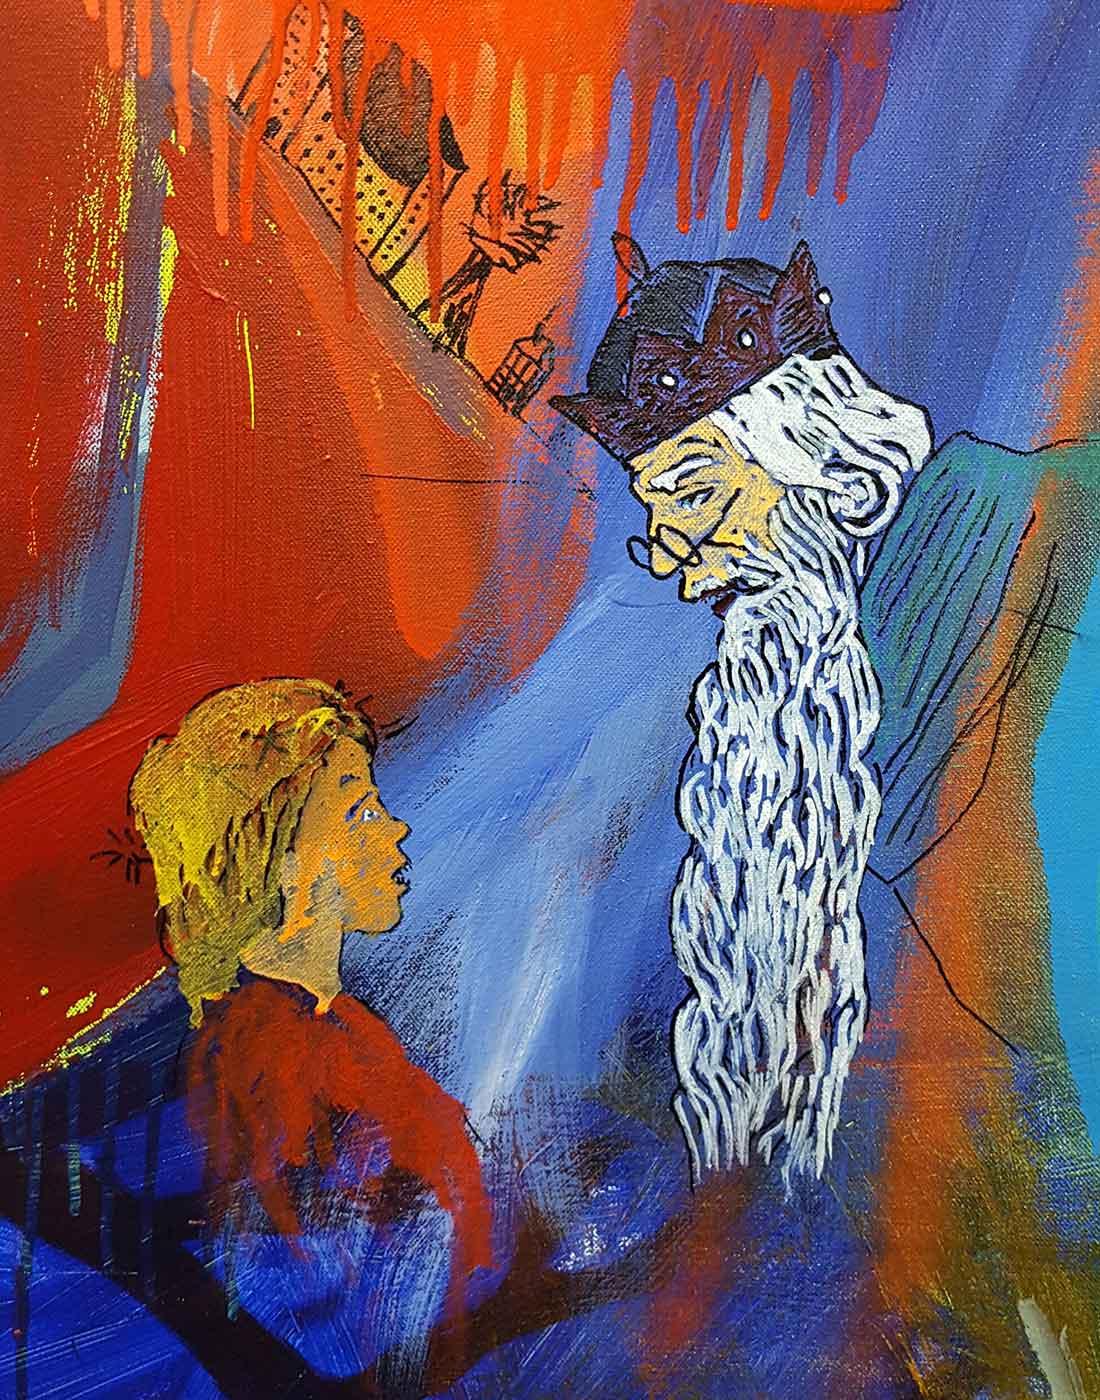 Úlfur Karlsson Artist -Proxy War (detail)